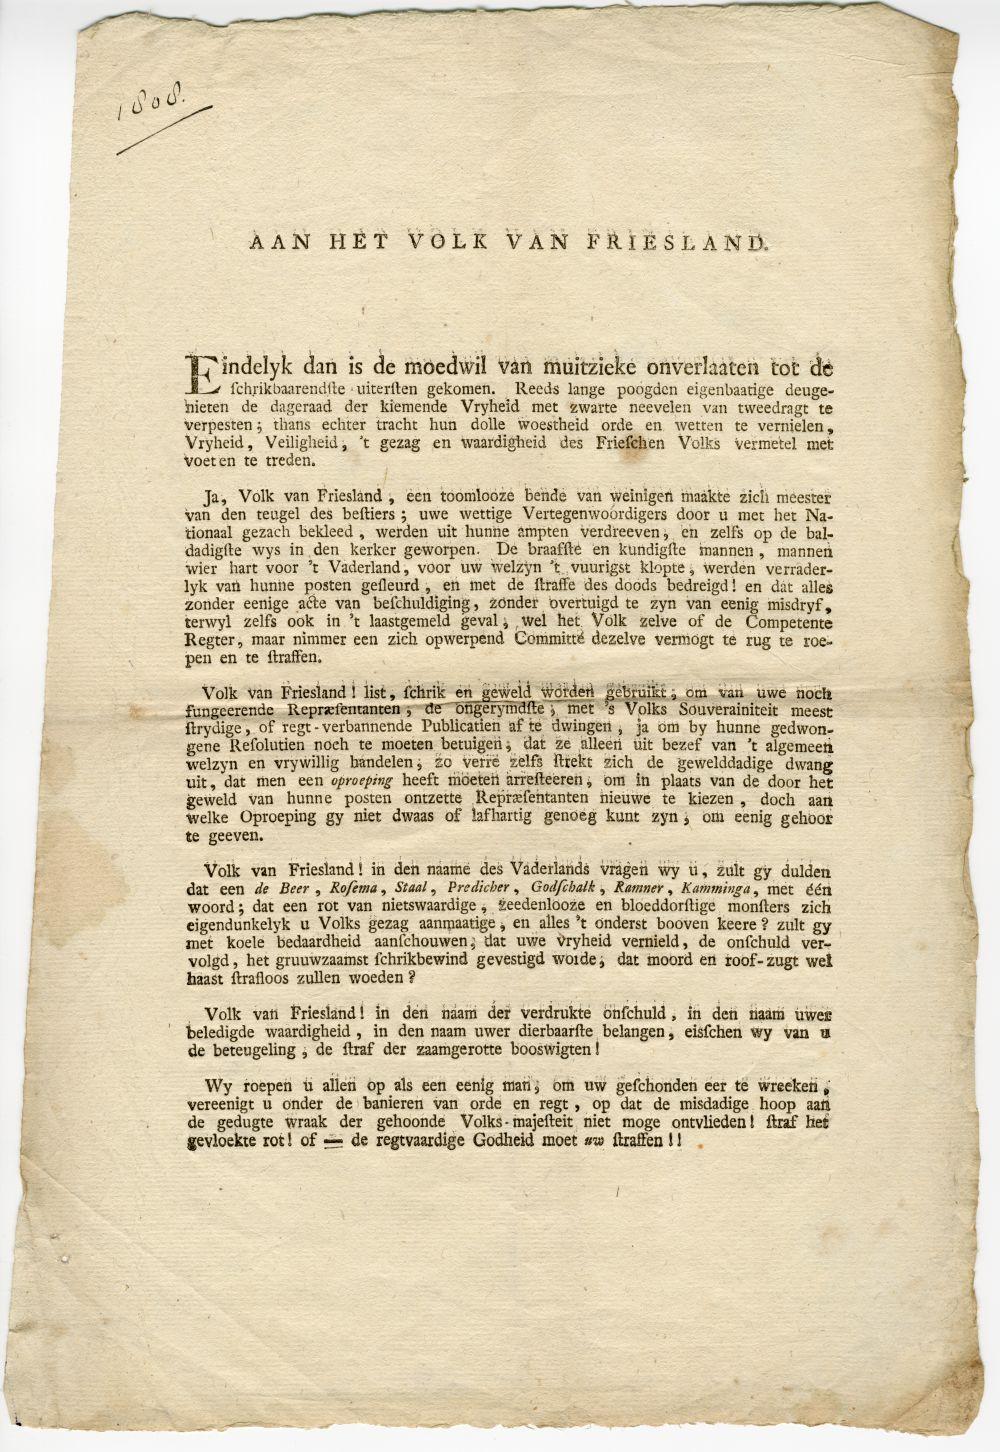 'Aan het volk van Friesland'